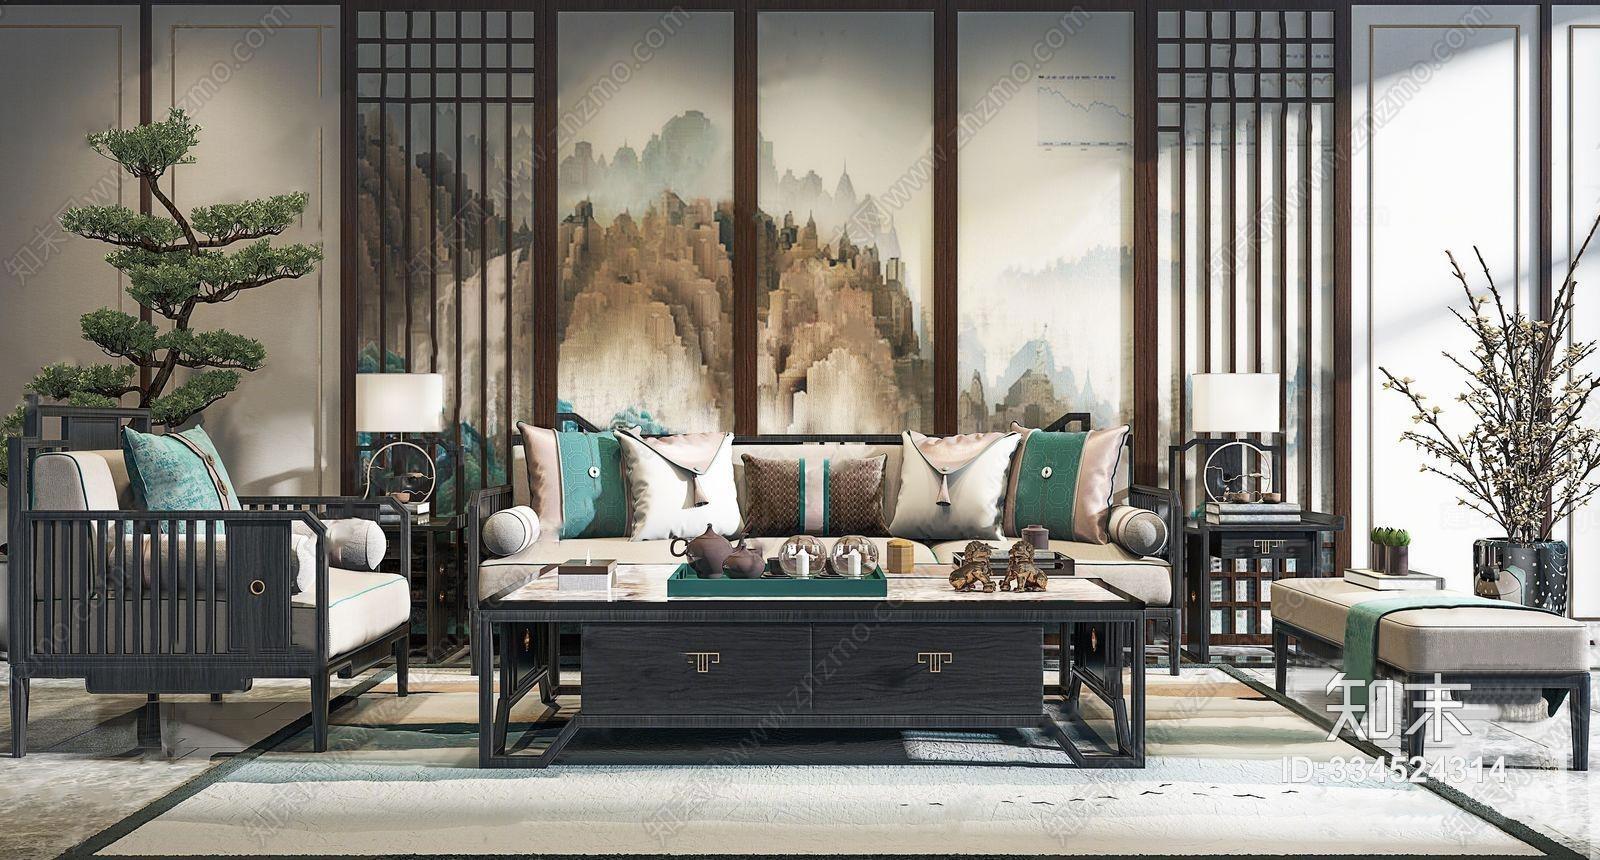 新中式沙发茶几组合 多人沙发 单人沙发 沙发凳 角几 盆栽 装饰画